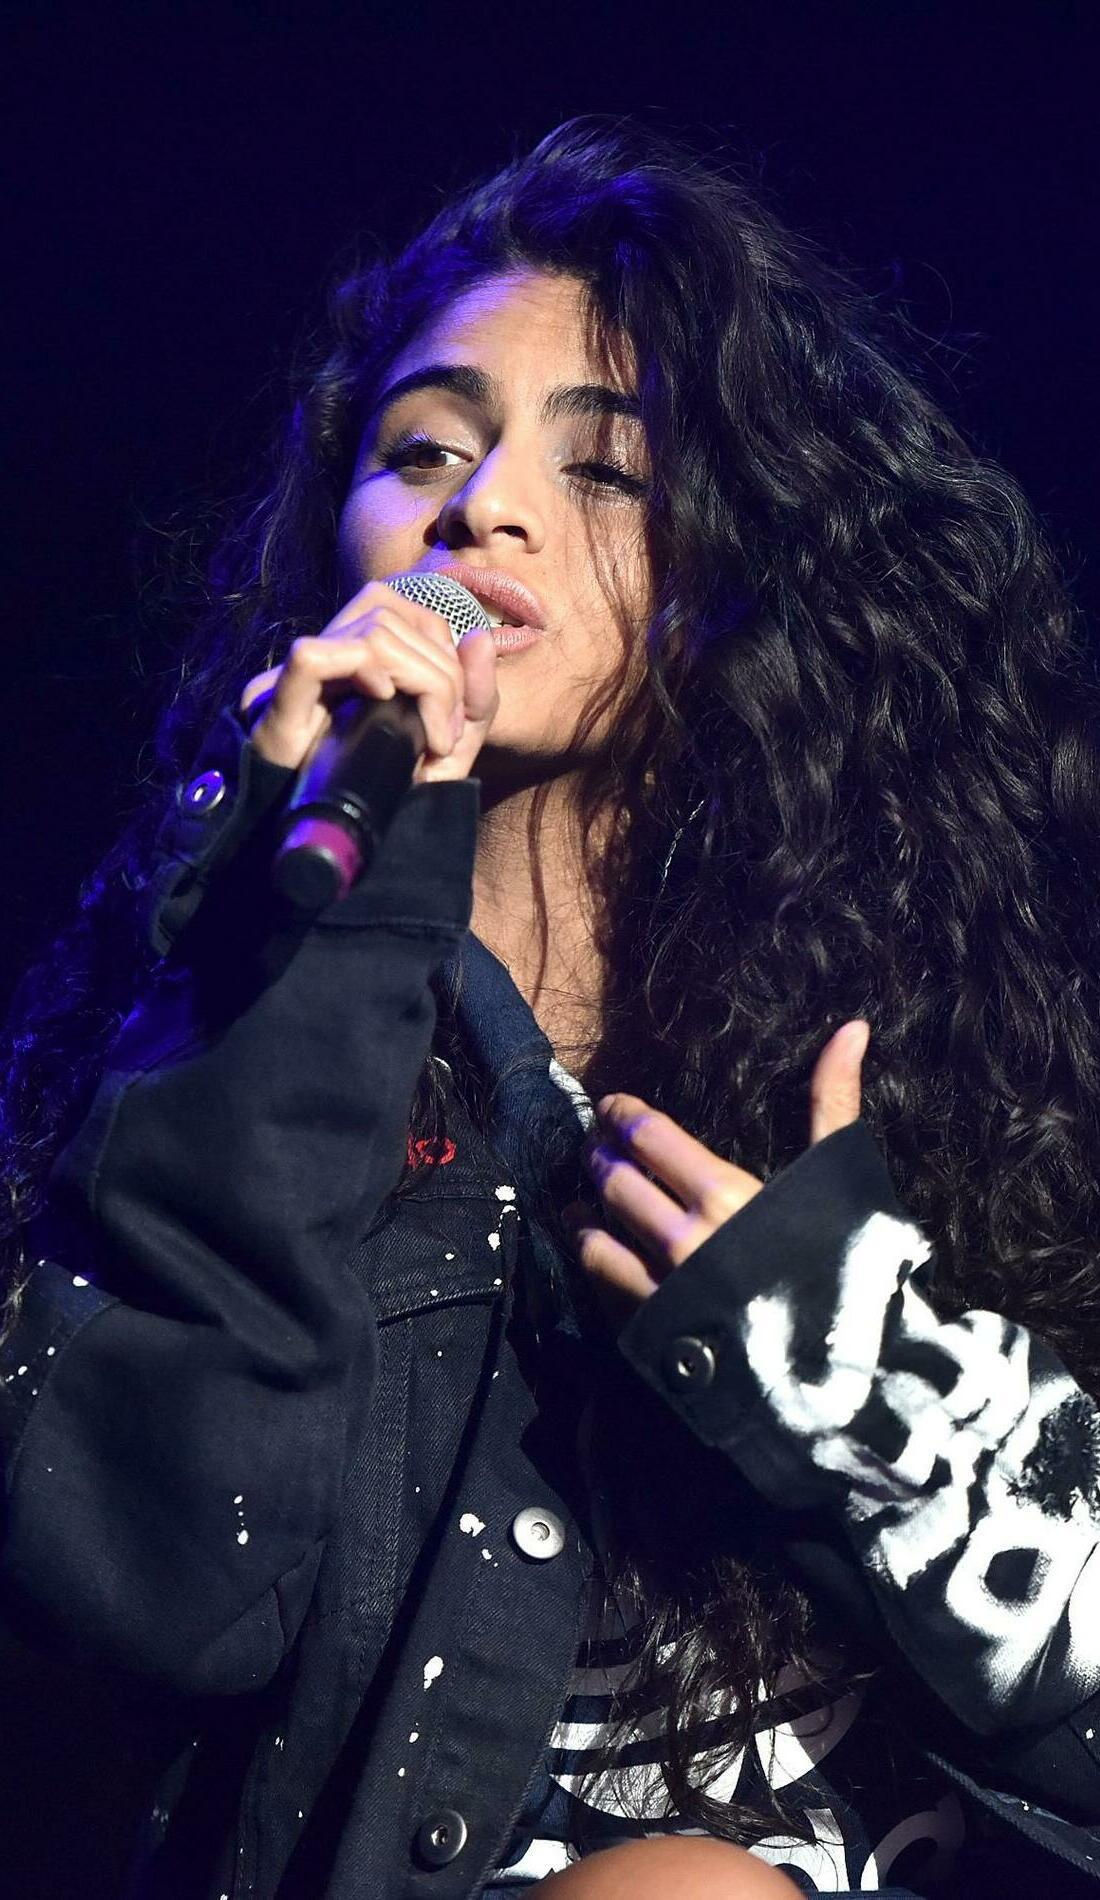 A Jessie Reyez live event